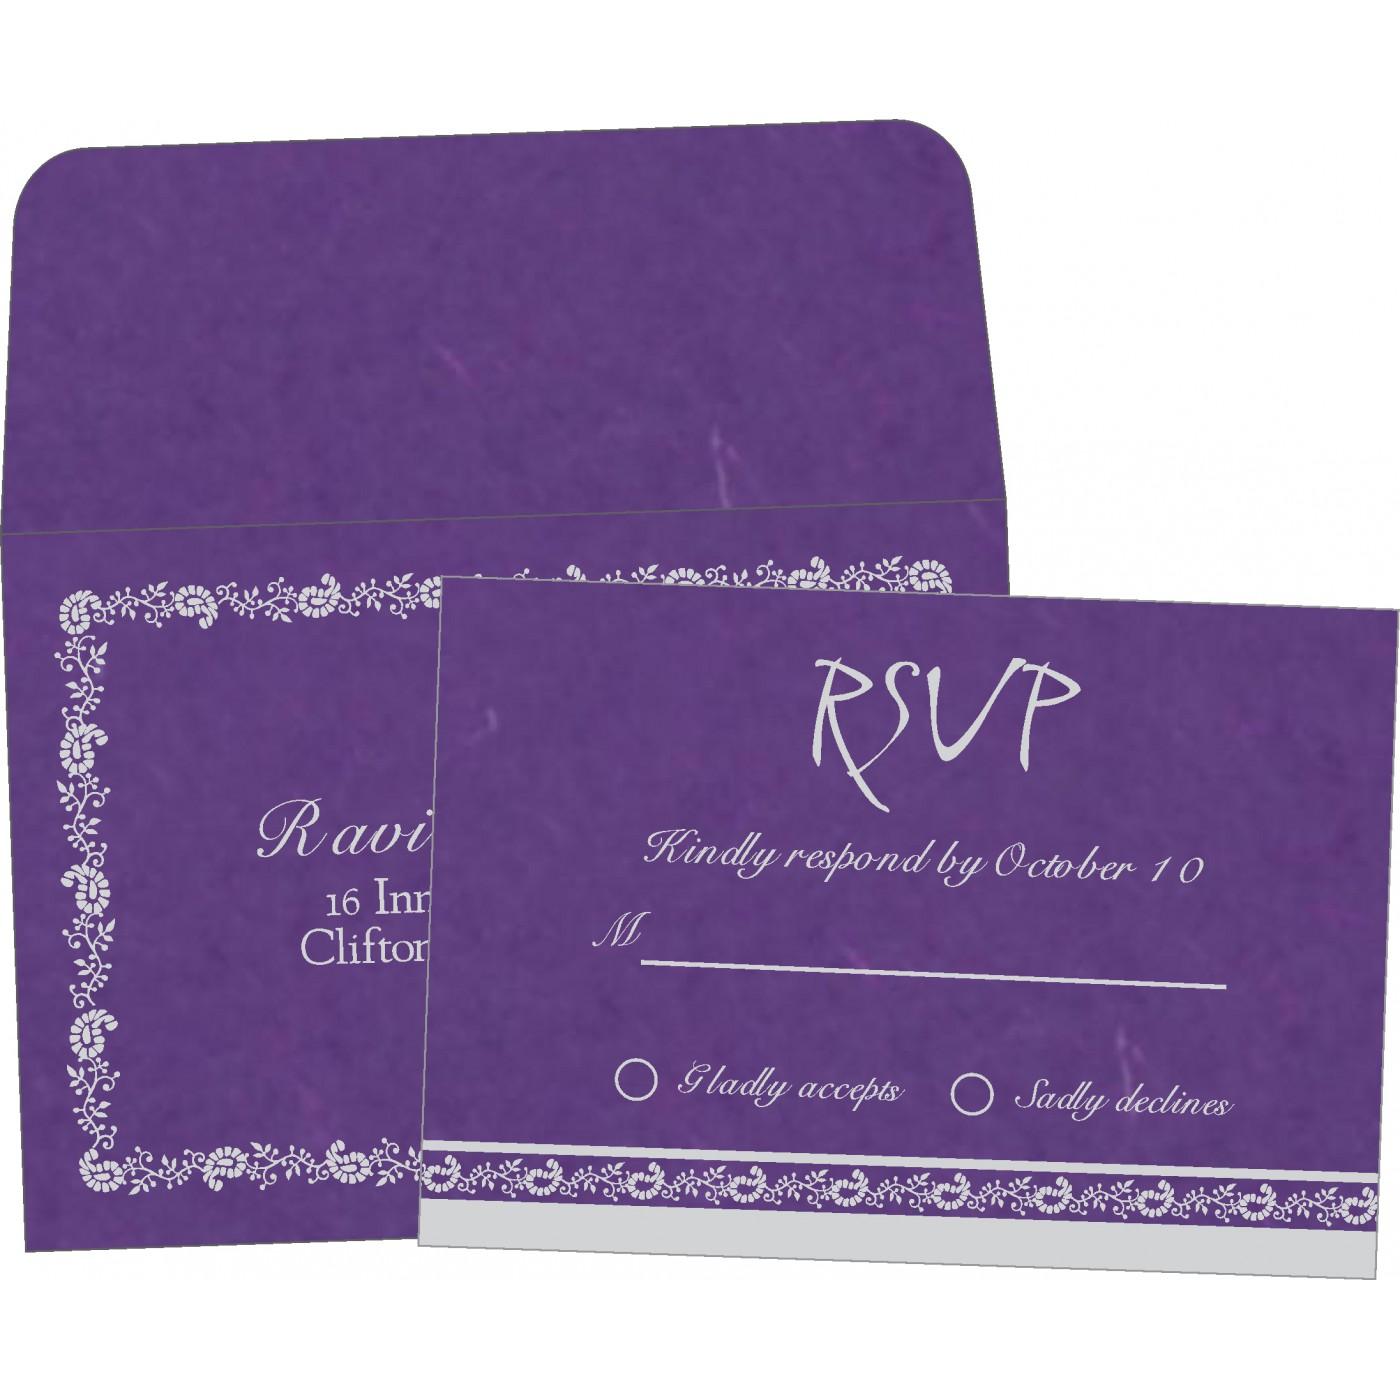 RSVP Cards : RSVP-8208D - 123WeddingCards